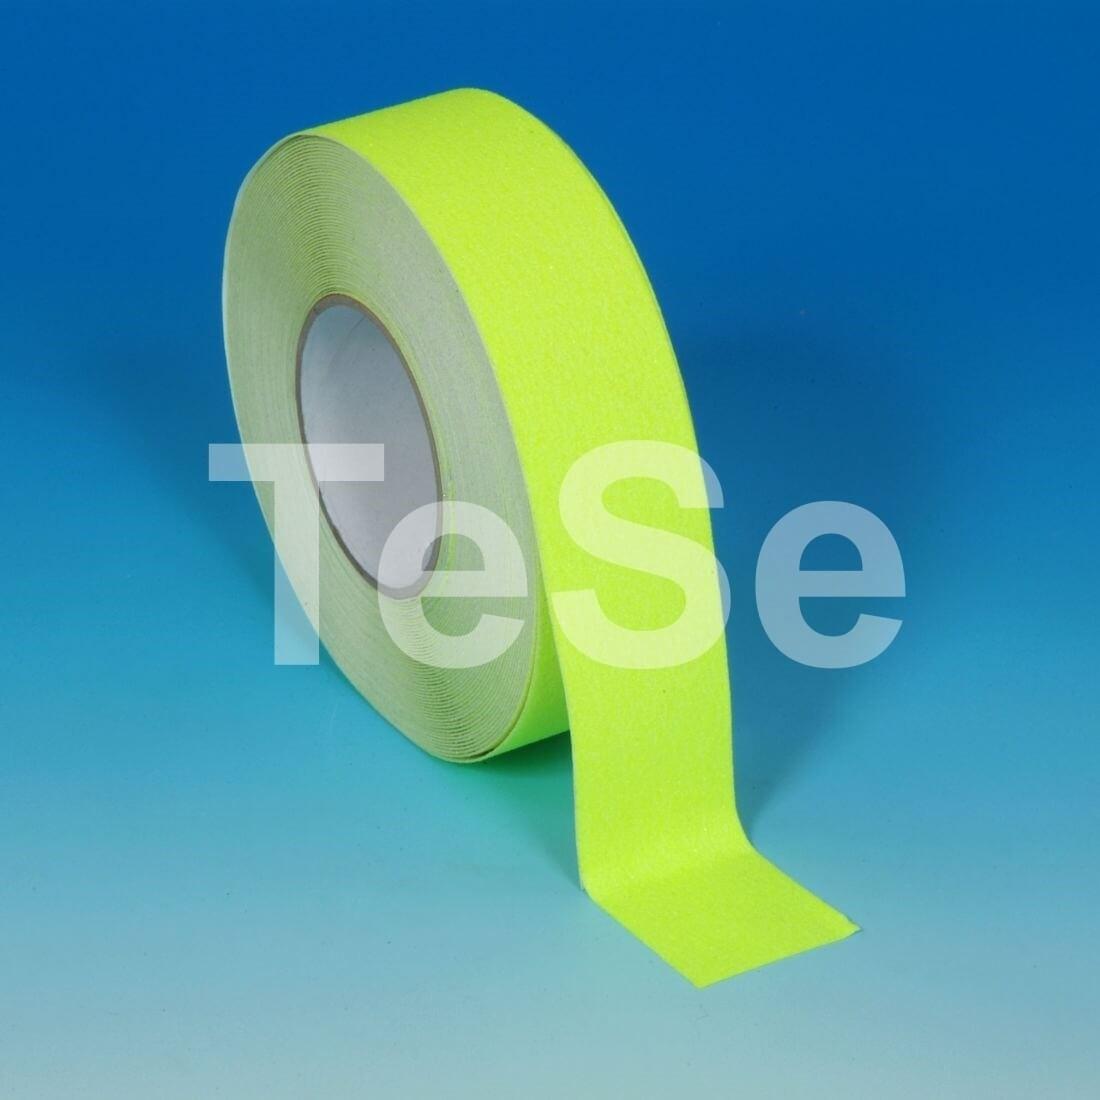 Protišmyková páska štandardné zrno fluorescenčná